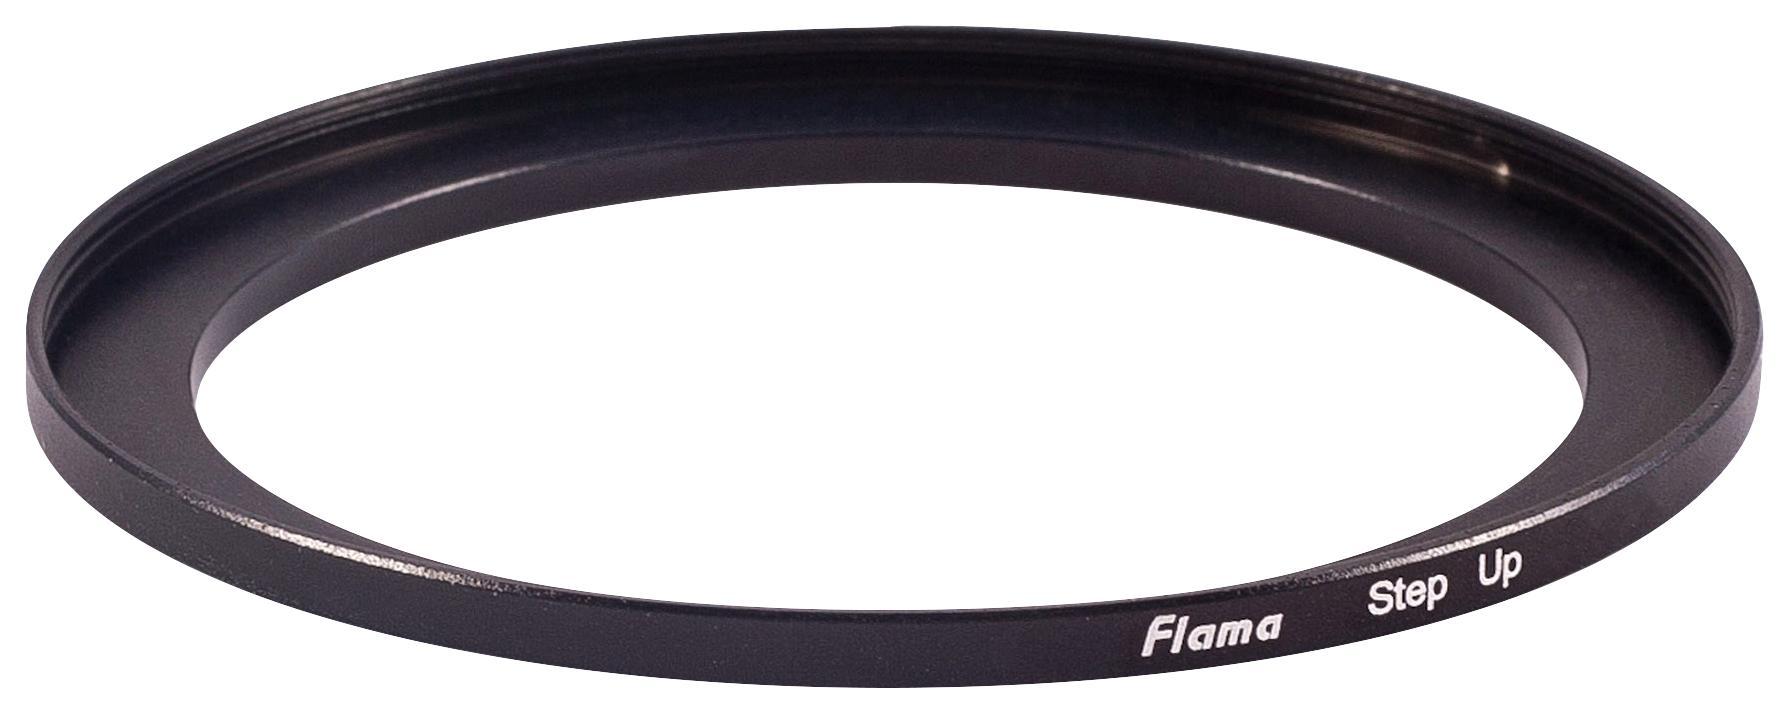 Flama переходное кольцо для фильтра 72-82 mmПереходное кольцо для фильтра Flama 77-82 mm помогает расширить возможности для съемки, подходит для любых объективов. Оно позволяет устанавливать на объектив фотоаппарата светофильтры разного диаметра. Переходное кольцо для фильтра Flama 77-82 мм необход...<br>